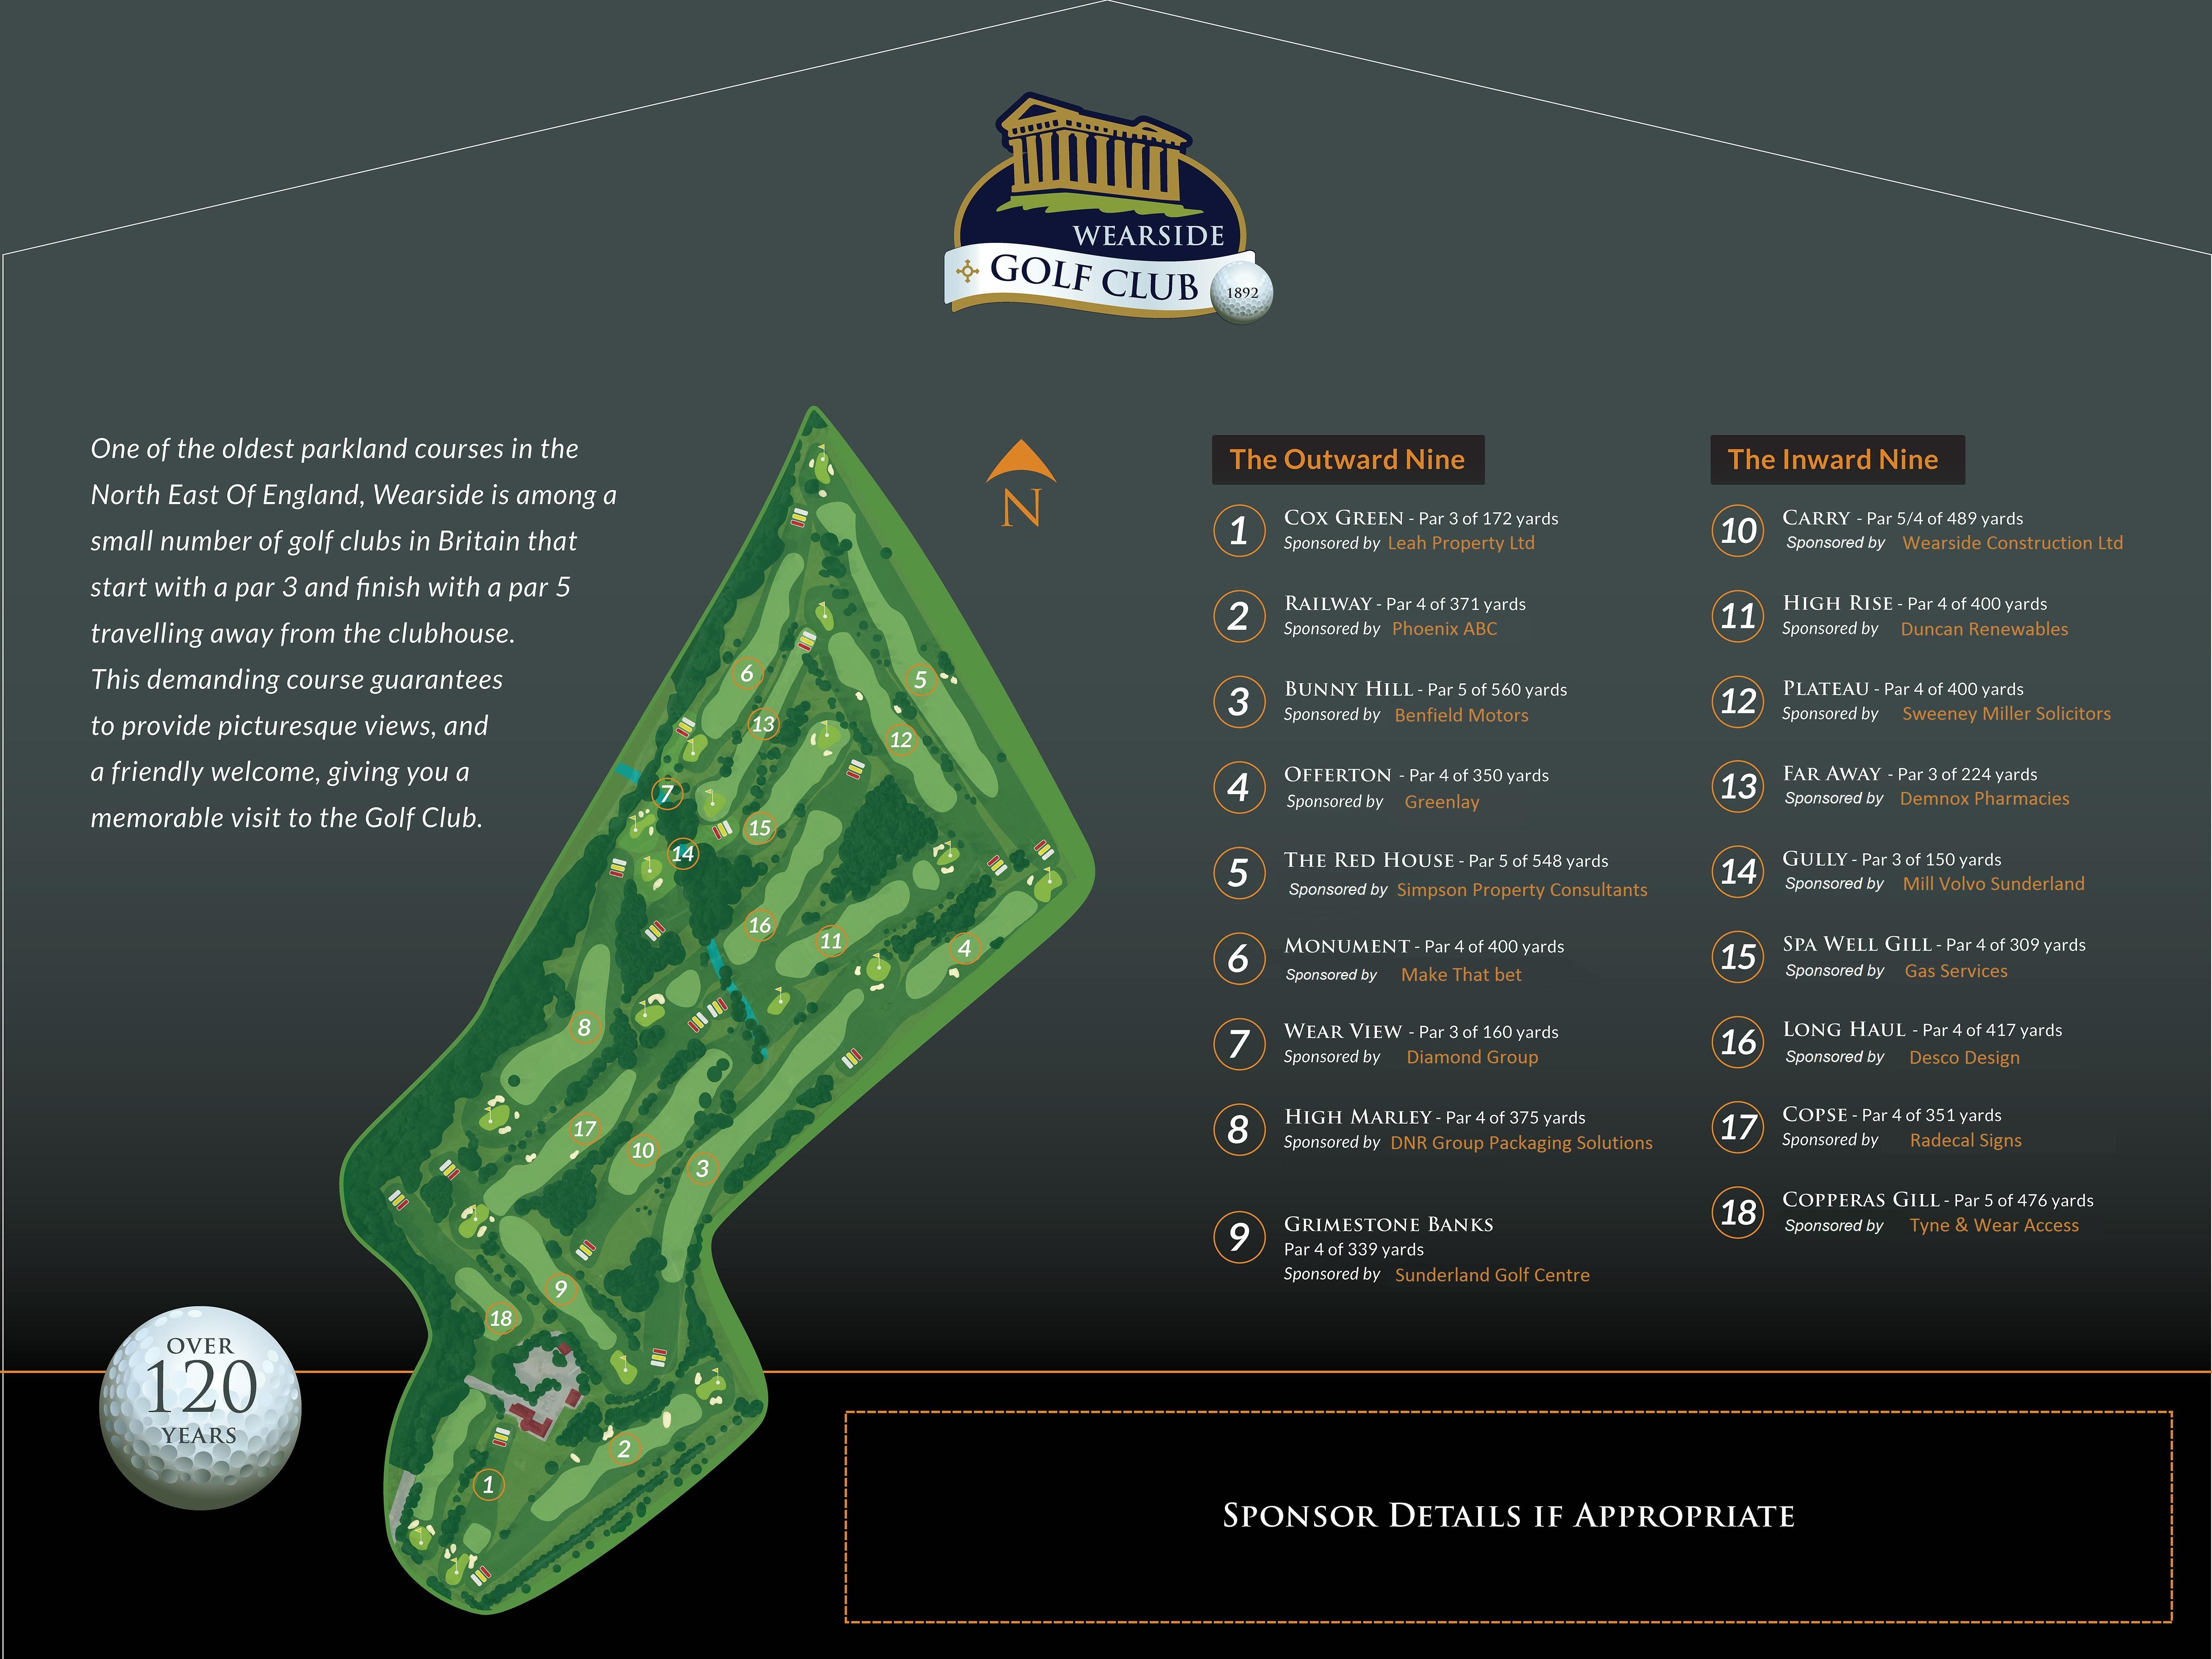 holes by sponsor.jpg